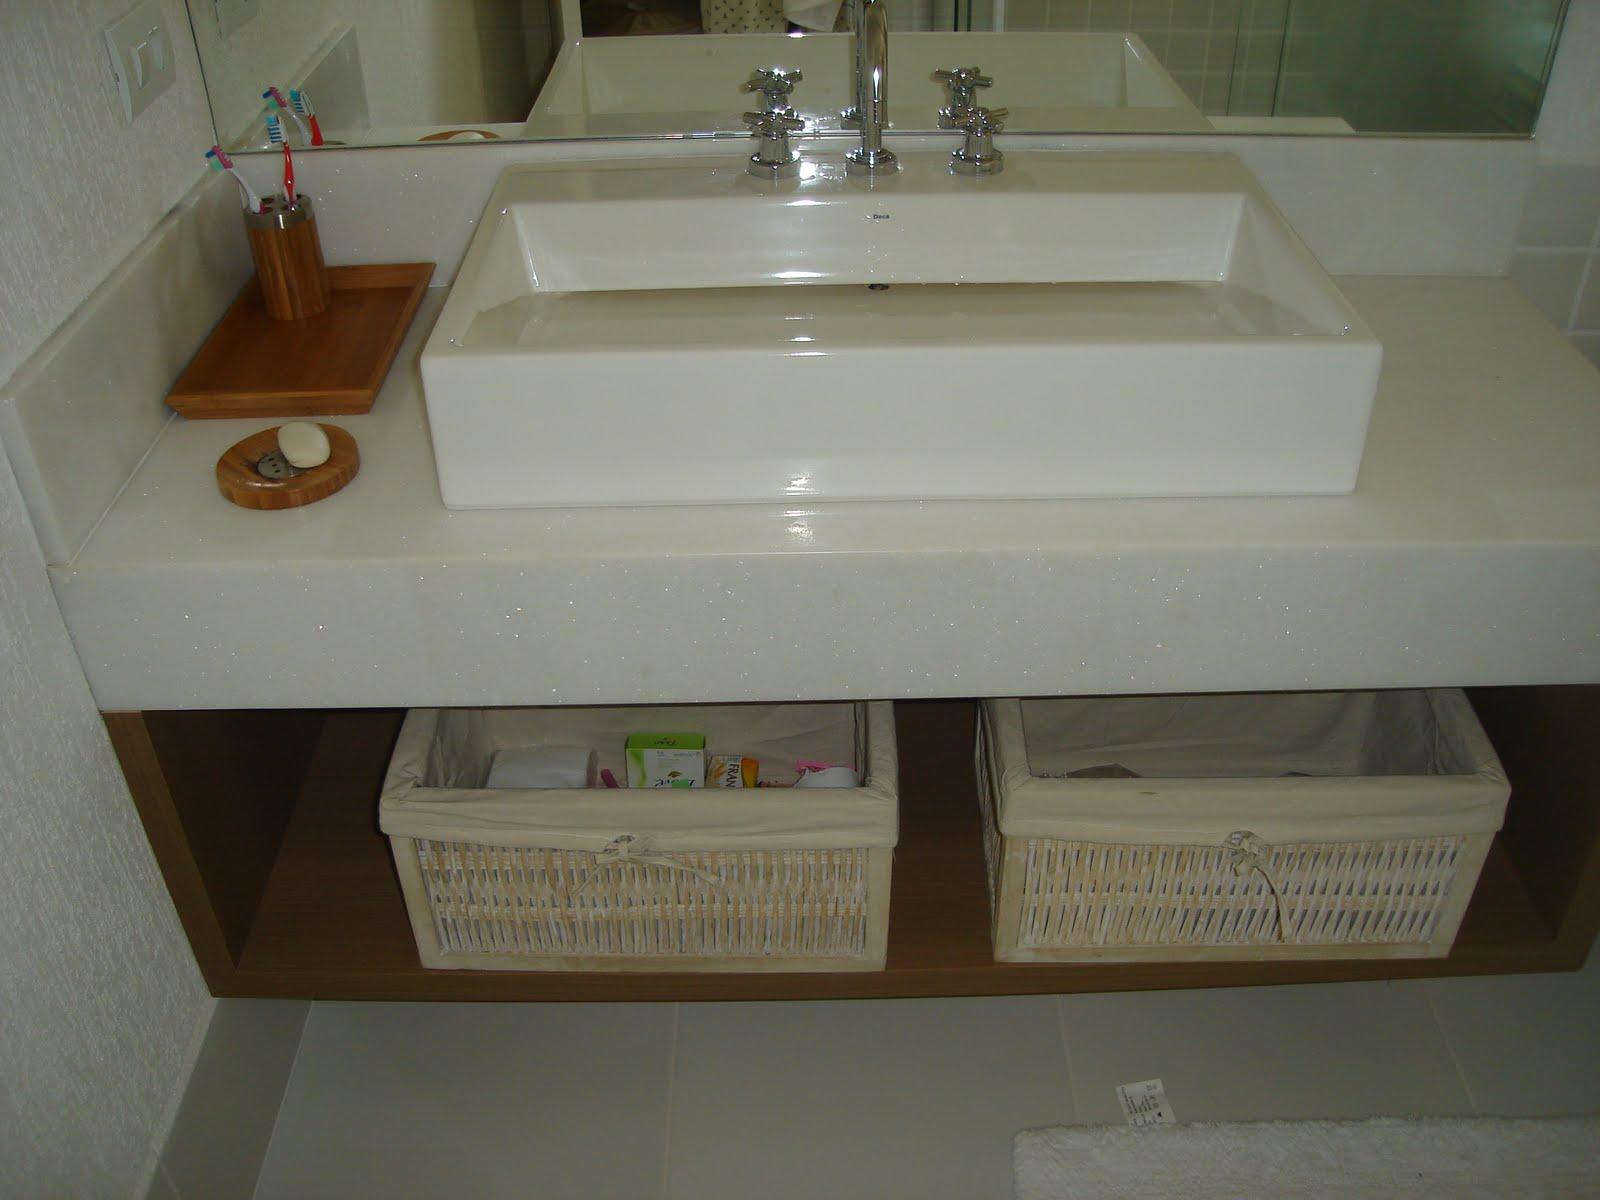 Veja nas fotos abaixo que somente as paredes das áreas molhadas foram  #5C4730 1600x1200 Acabamento De Banheiro Fotos